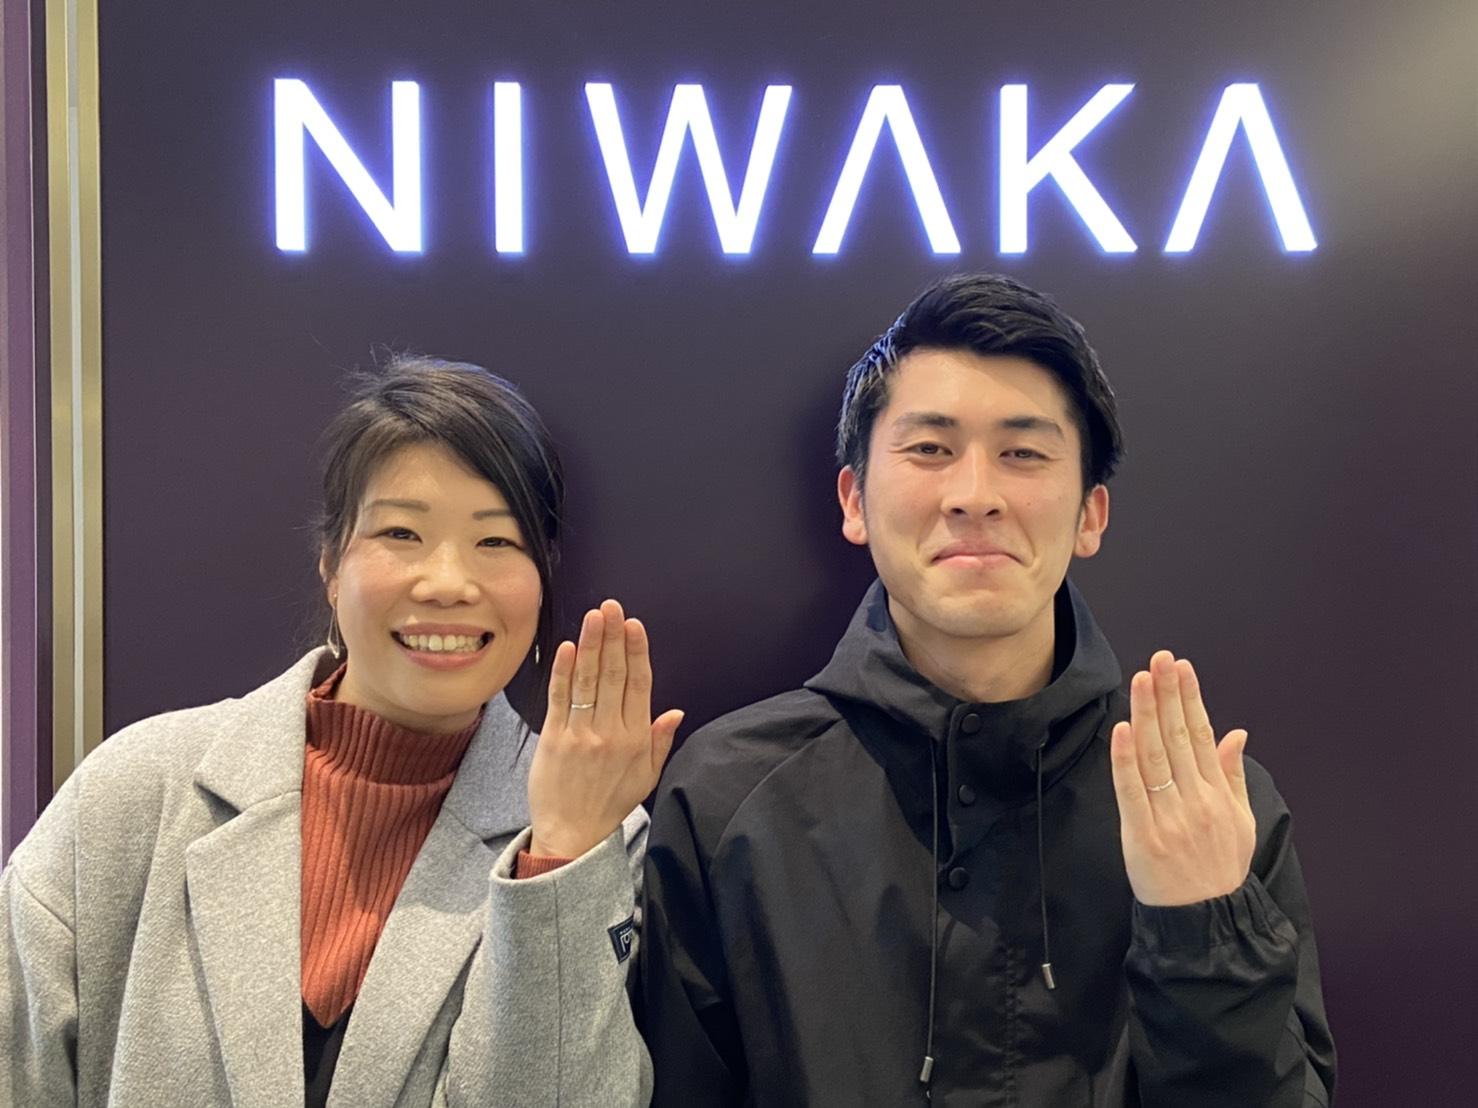 【松本市】NIWAKAのご結婚指輪をお求め頂きました。